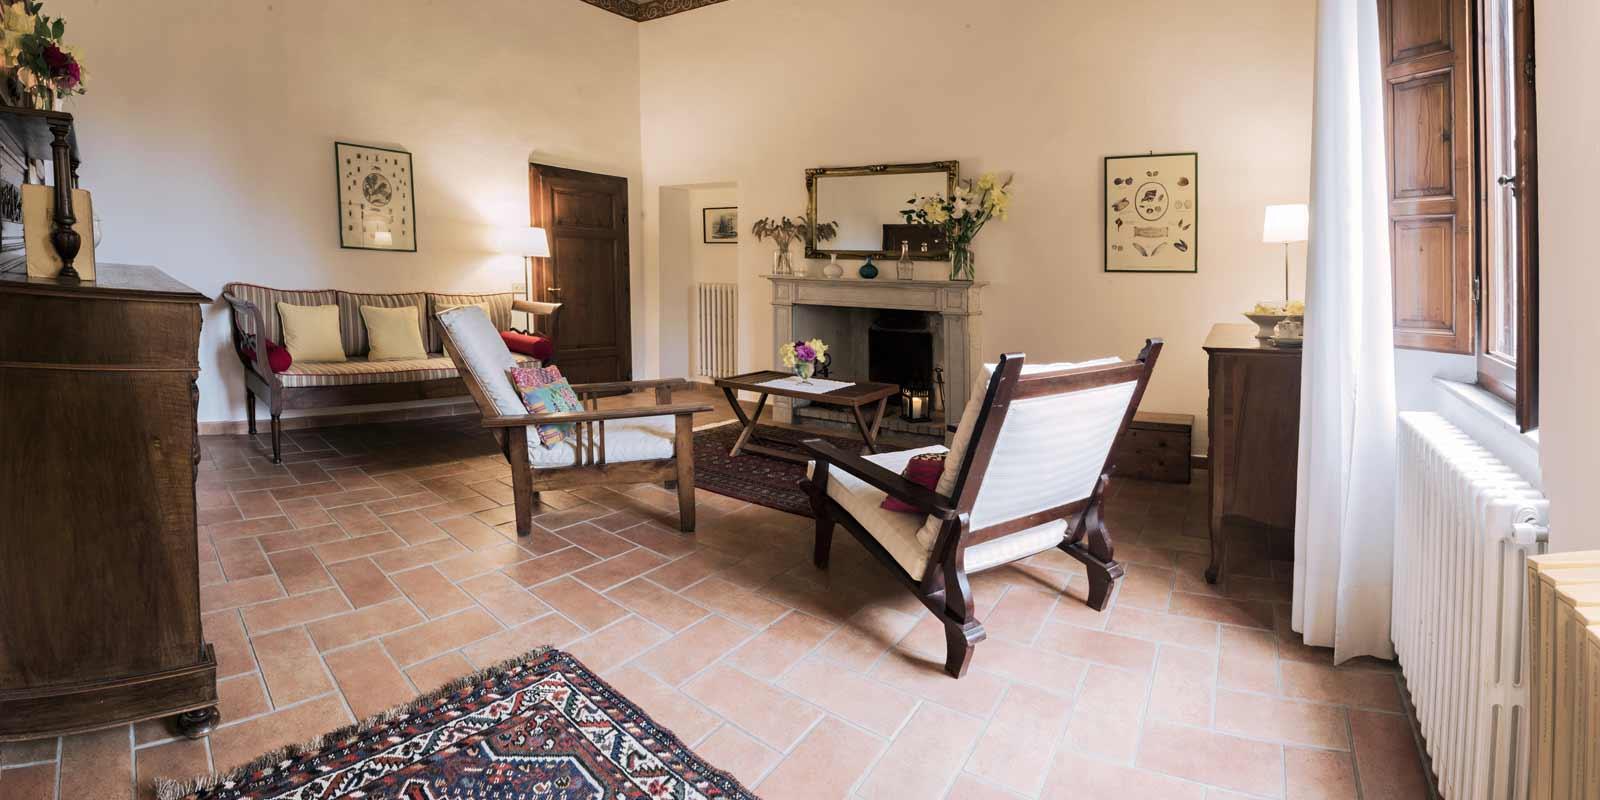 villa-santa-giulia-maremma-toscana-piombino-dimora-epoca-agriturismo-vacanze-soggiorno-prenotazione-parco-natura-verde-rose-giardino-42